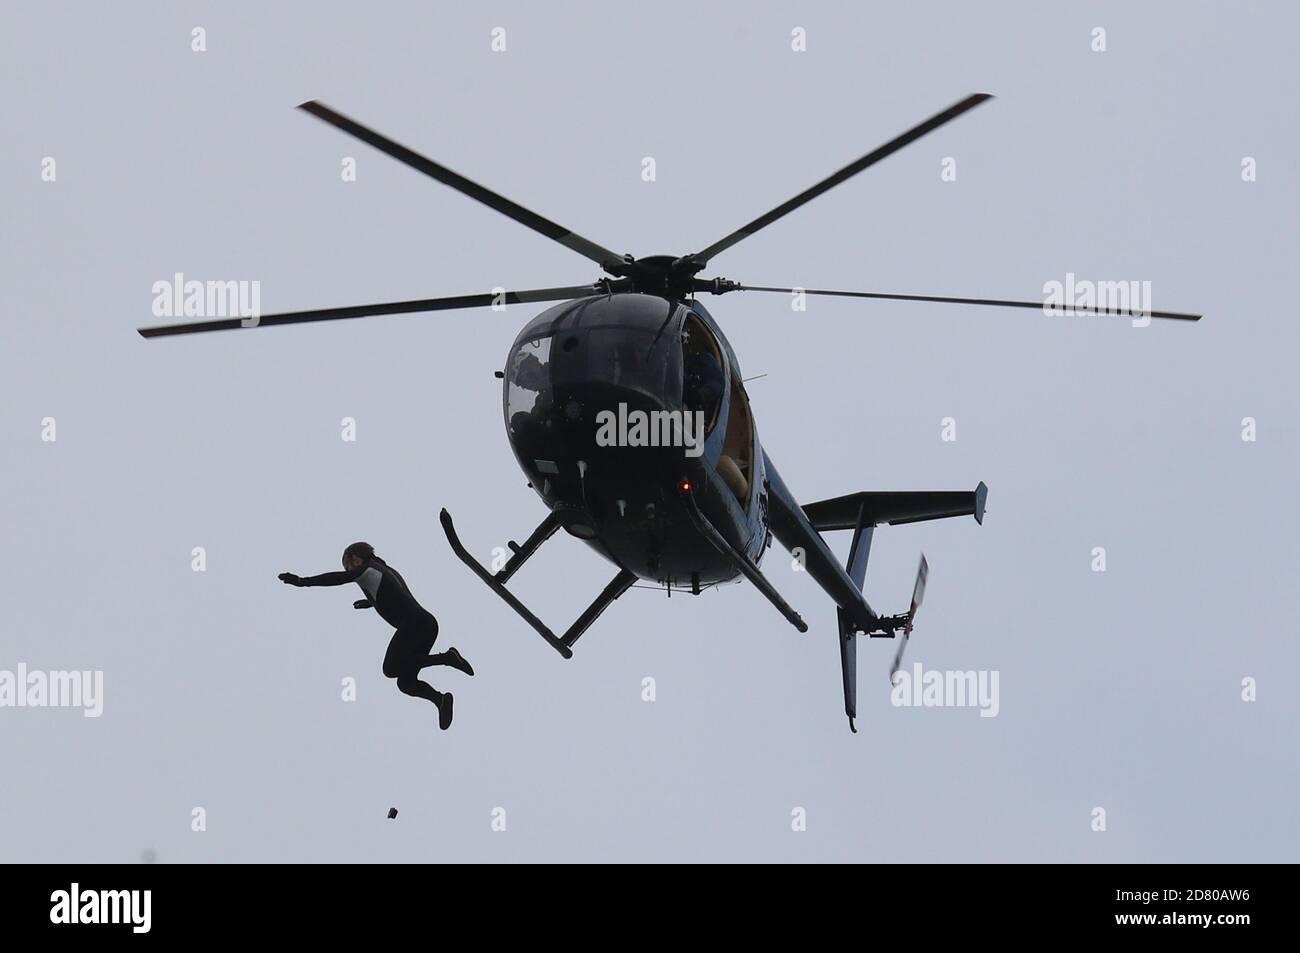 RETRANSMISSION distance de modification atteinte lors du saut à 40 M. L'ancien parachutiste John Bream tente le record du saut le plus élevé sans parachute en sautant à 40 m d'un hélicoptère dans la mer au large de Hayling Island dans le Hampshire. Banque D'Images